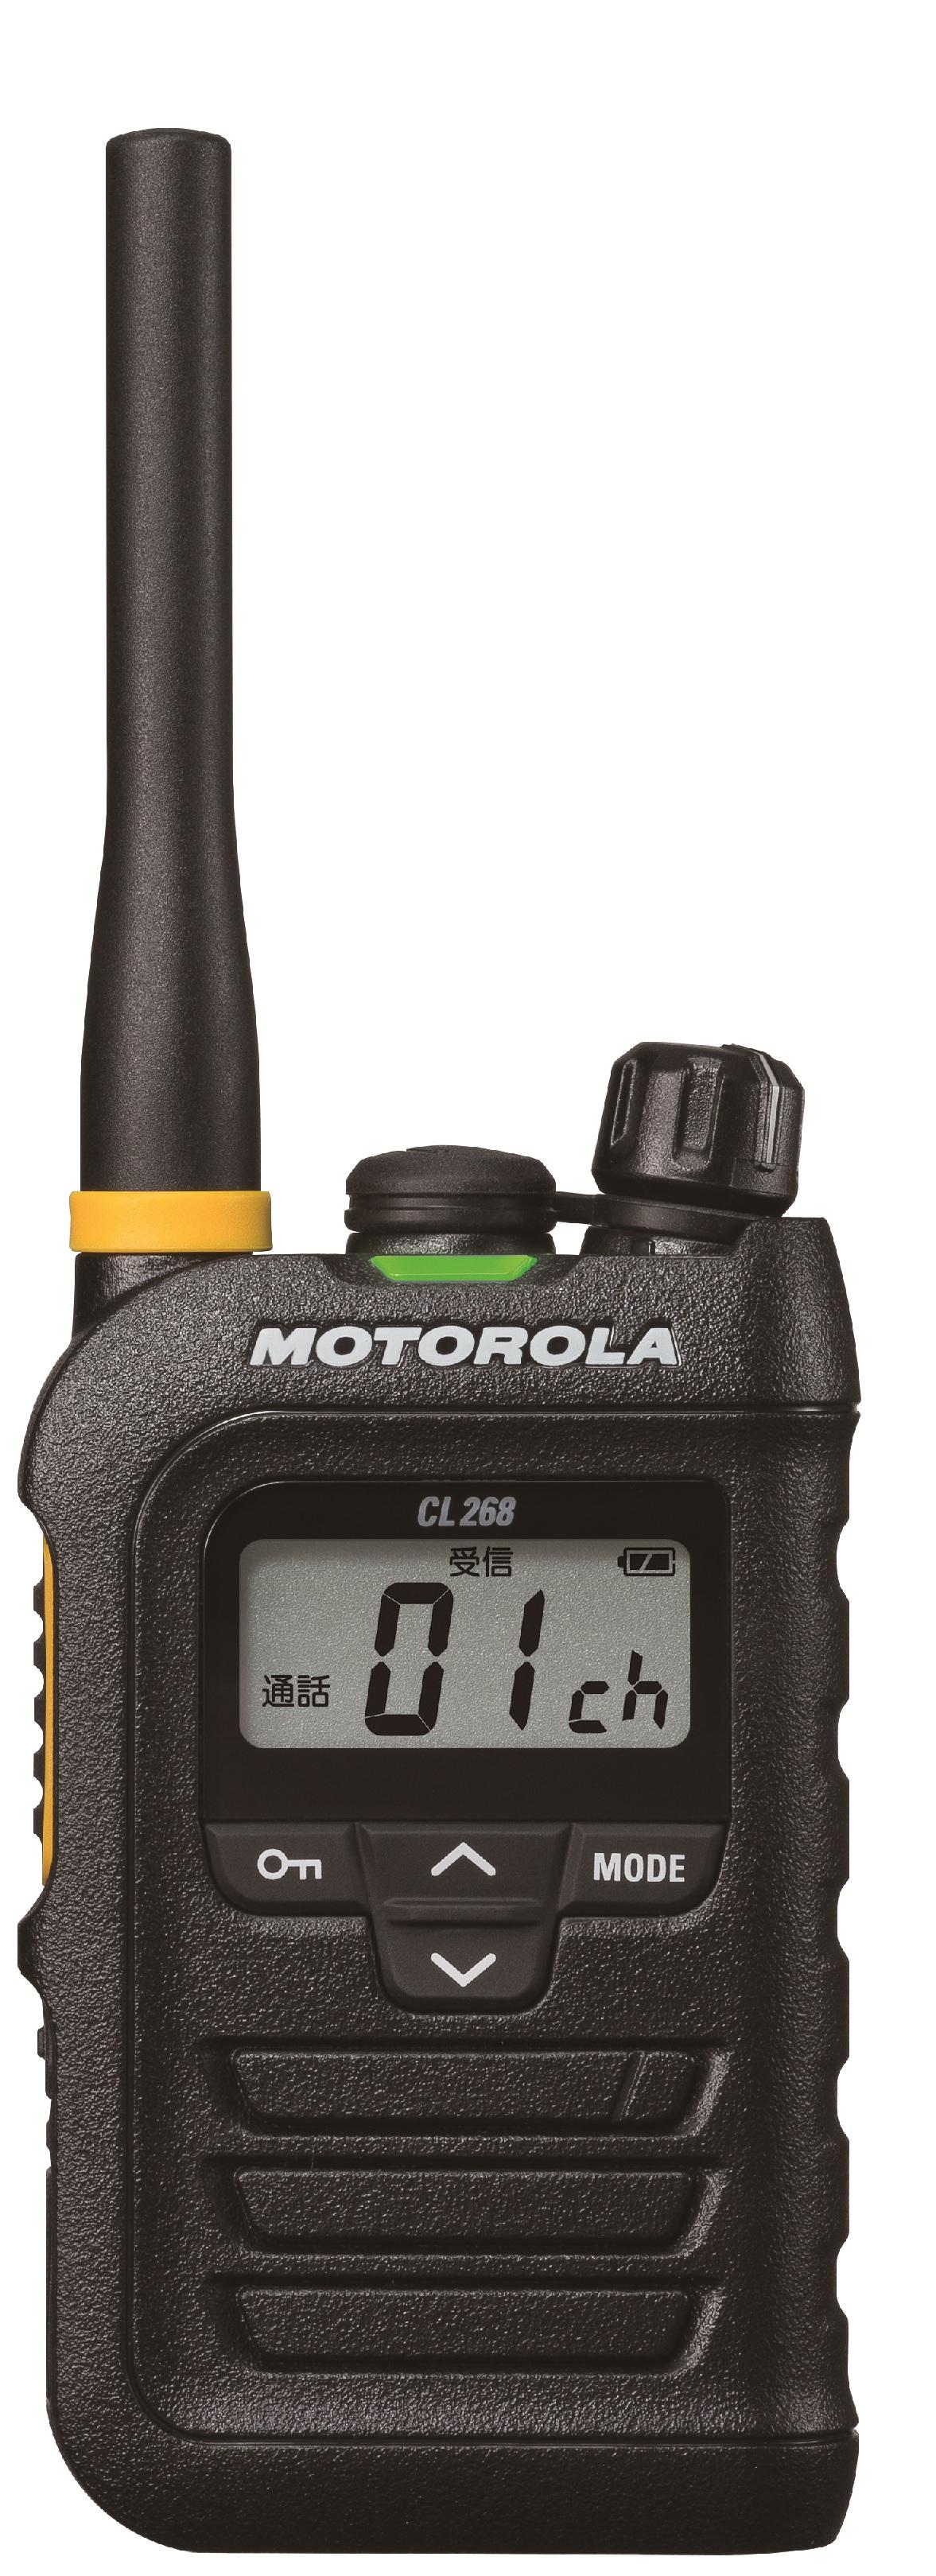 モトローラ CL268